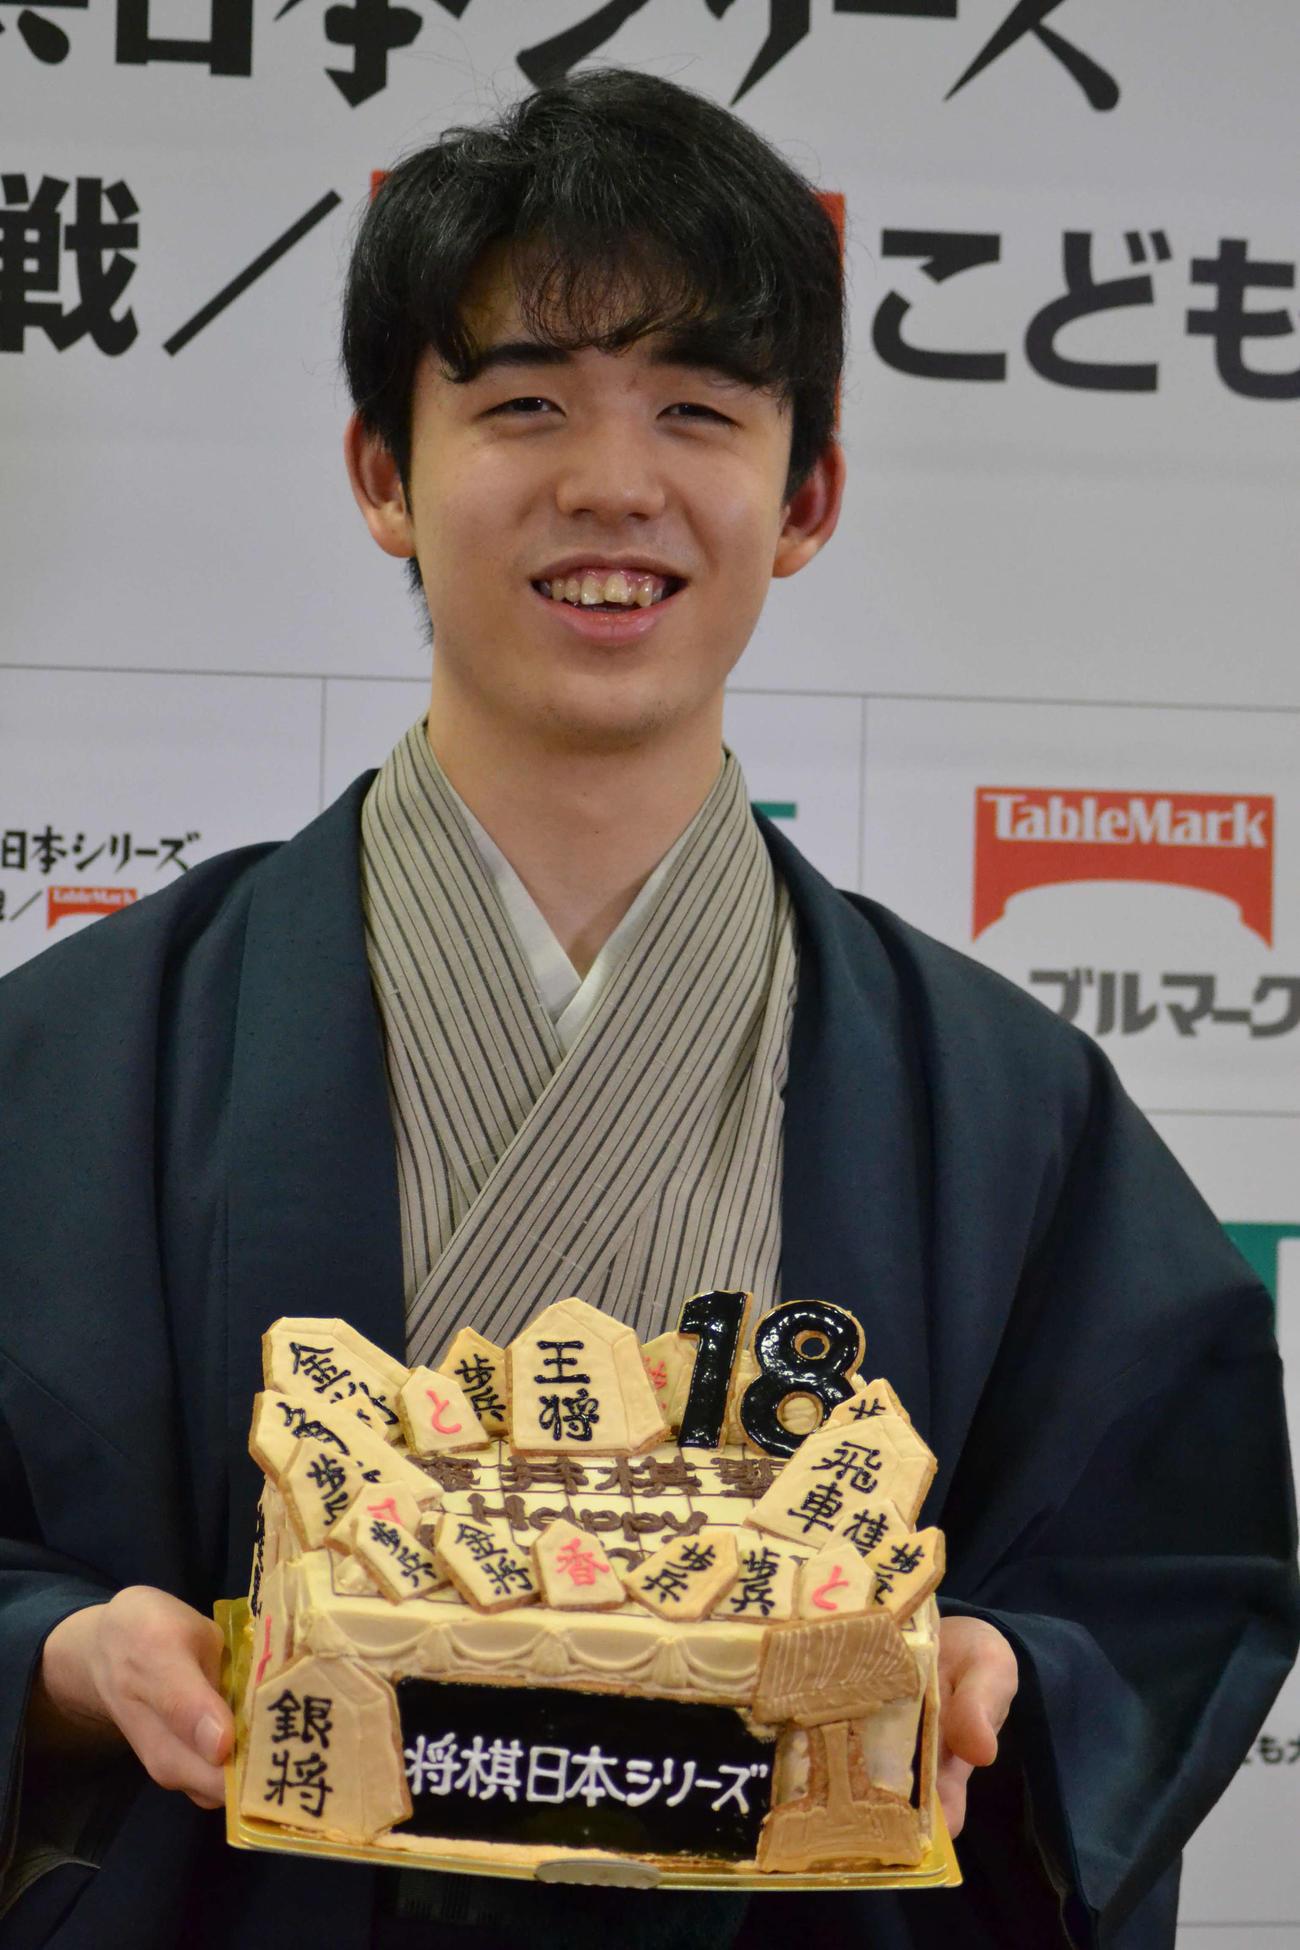 1日早い誕生日を白星で飾って主催者側からバースデーケーキをサプライズでプレゼントされた藤井聡太棋聖